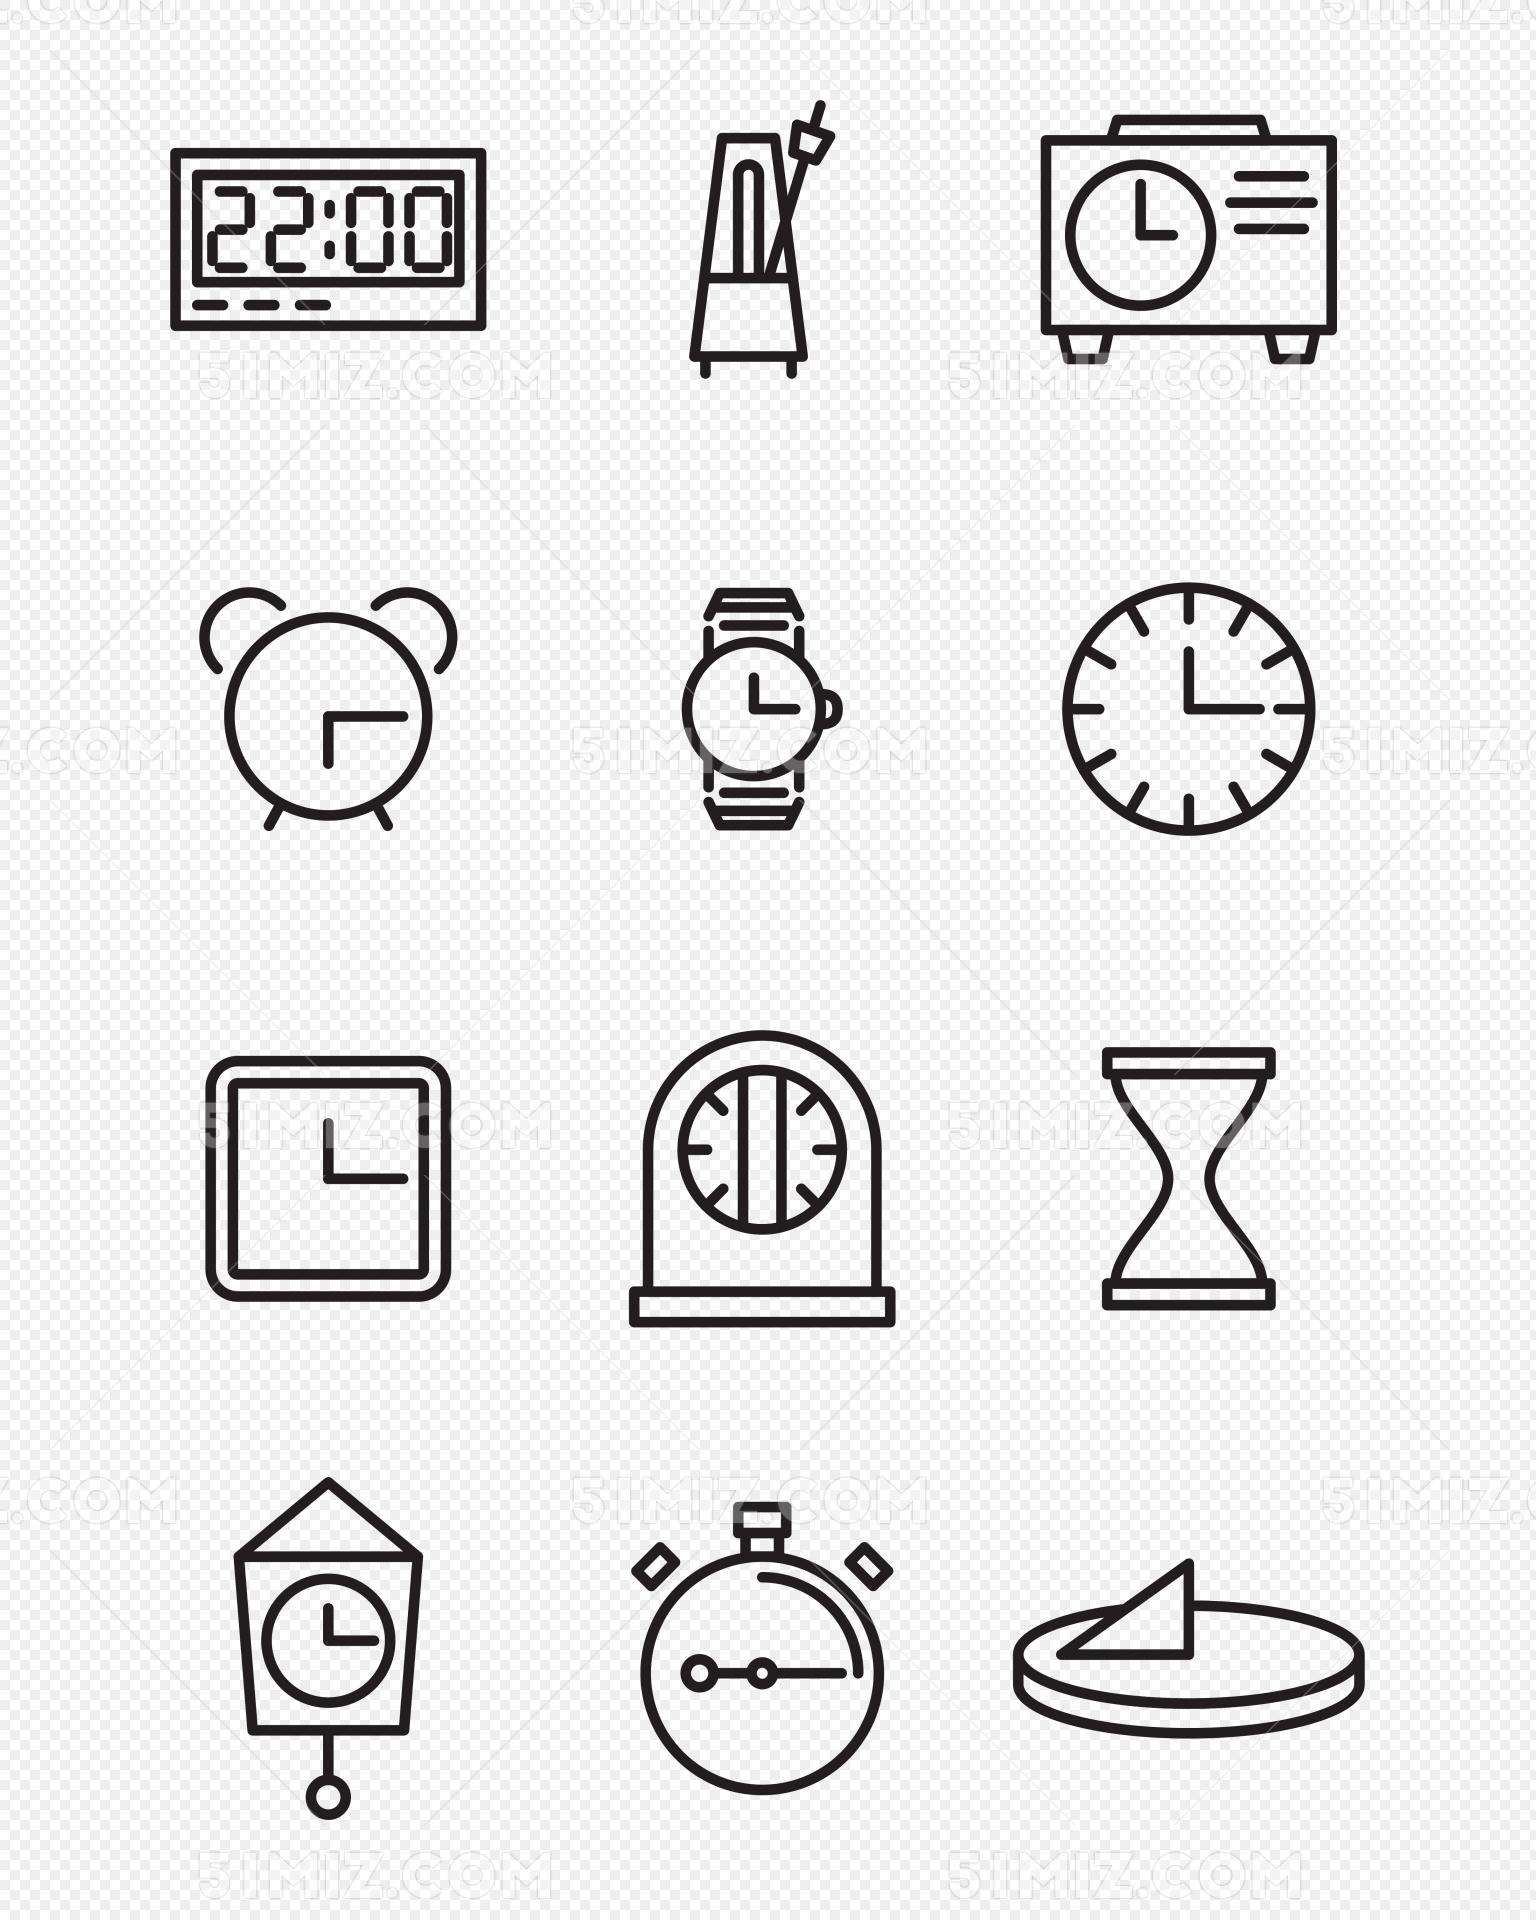 时间钟表简笔画矢量图形时间图标素材